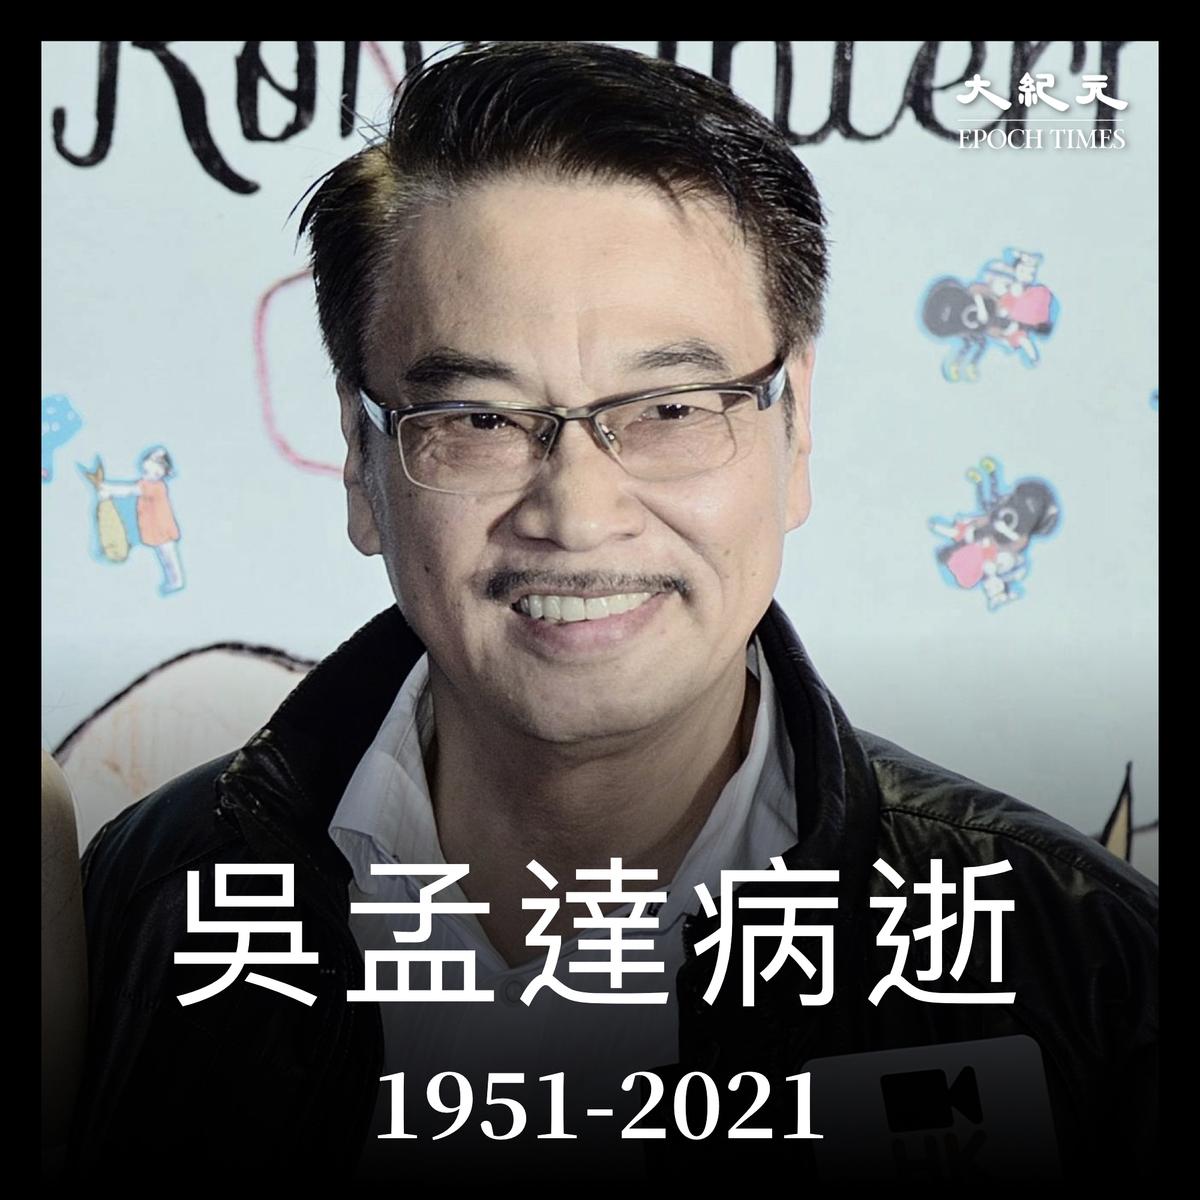 著名藝人吳孟達終不敵肝癌病逝,終年70歲。(大紀元製圖)